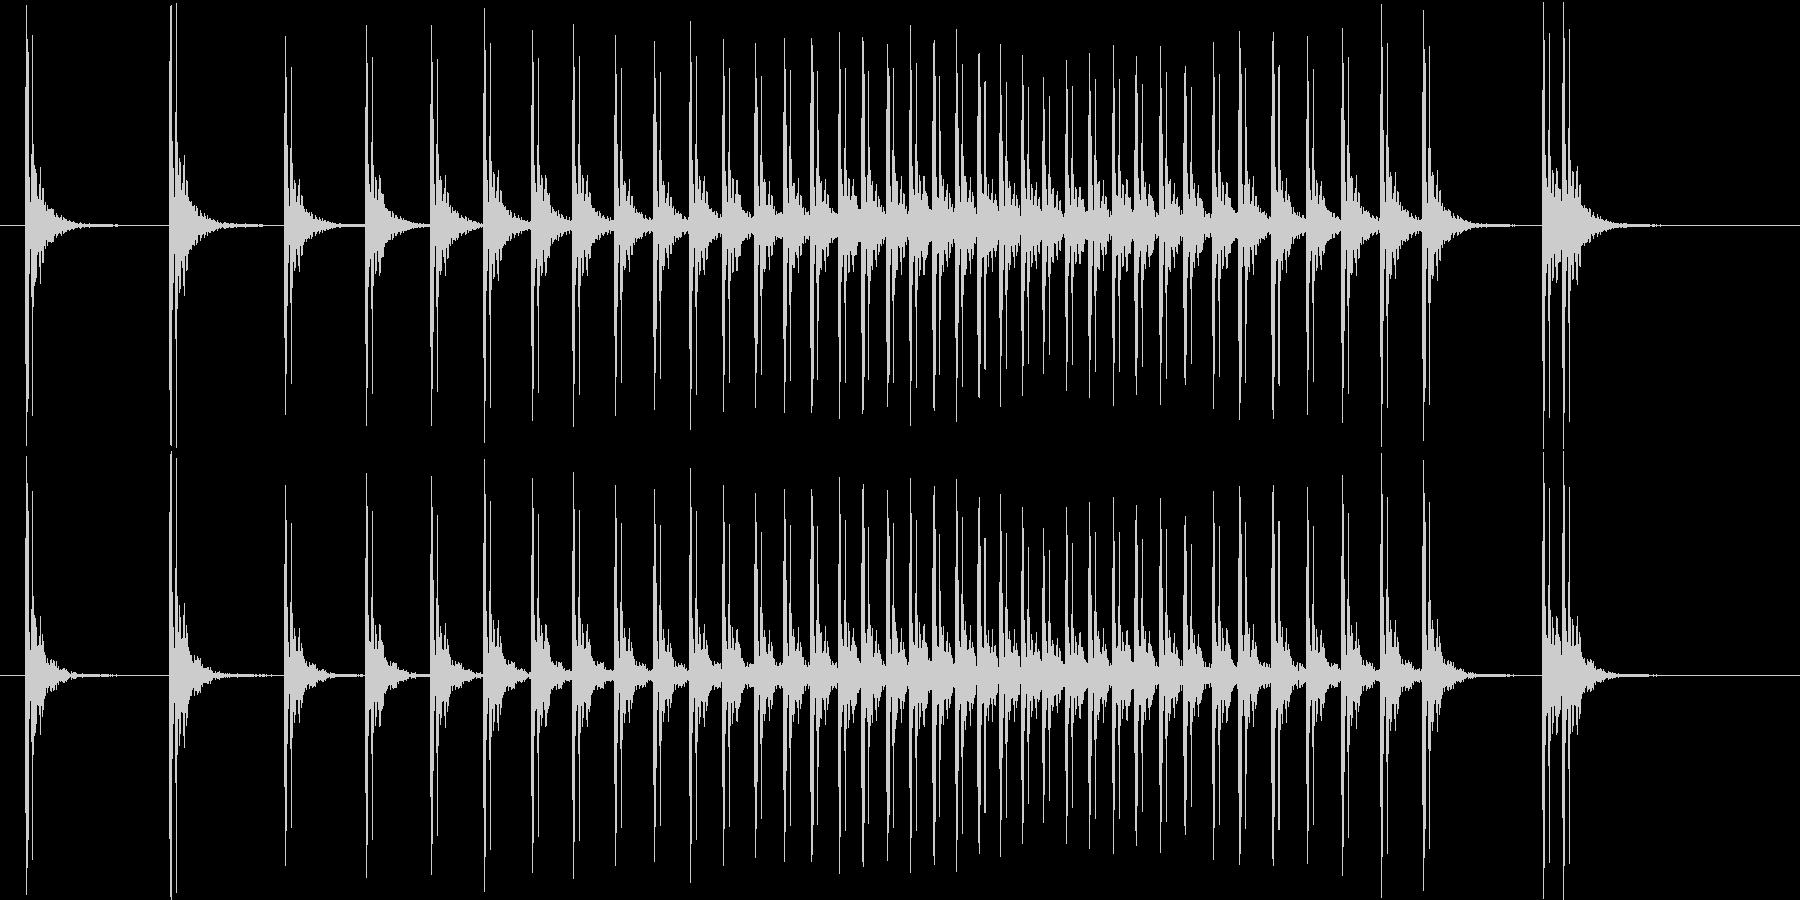 落語や劇場の開幕け時などに用いる拍子木の未再生の波形